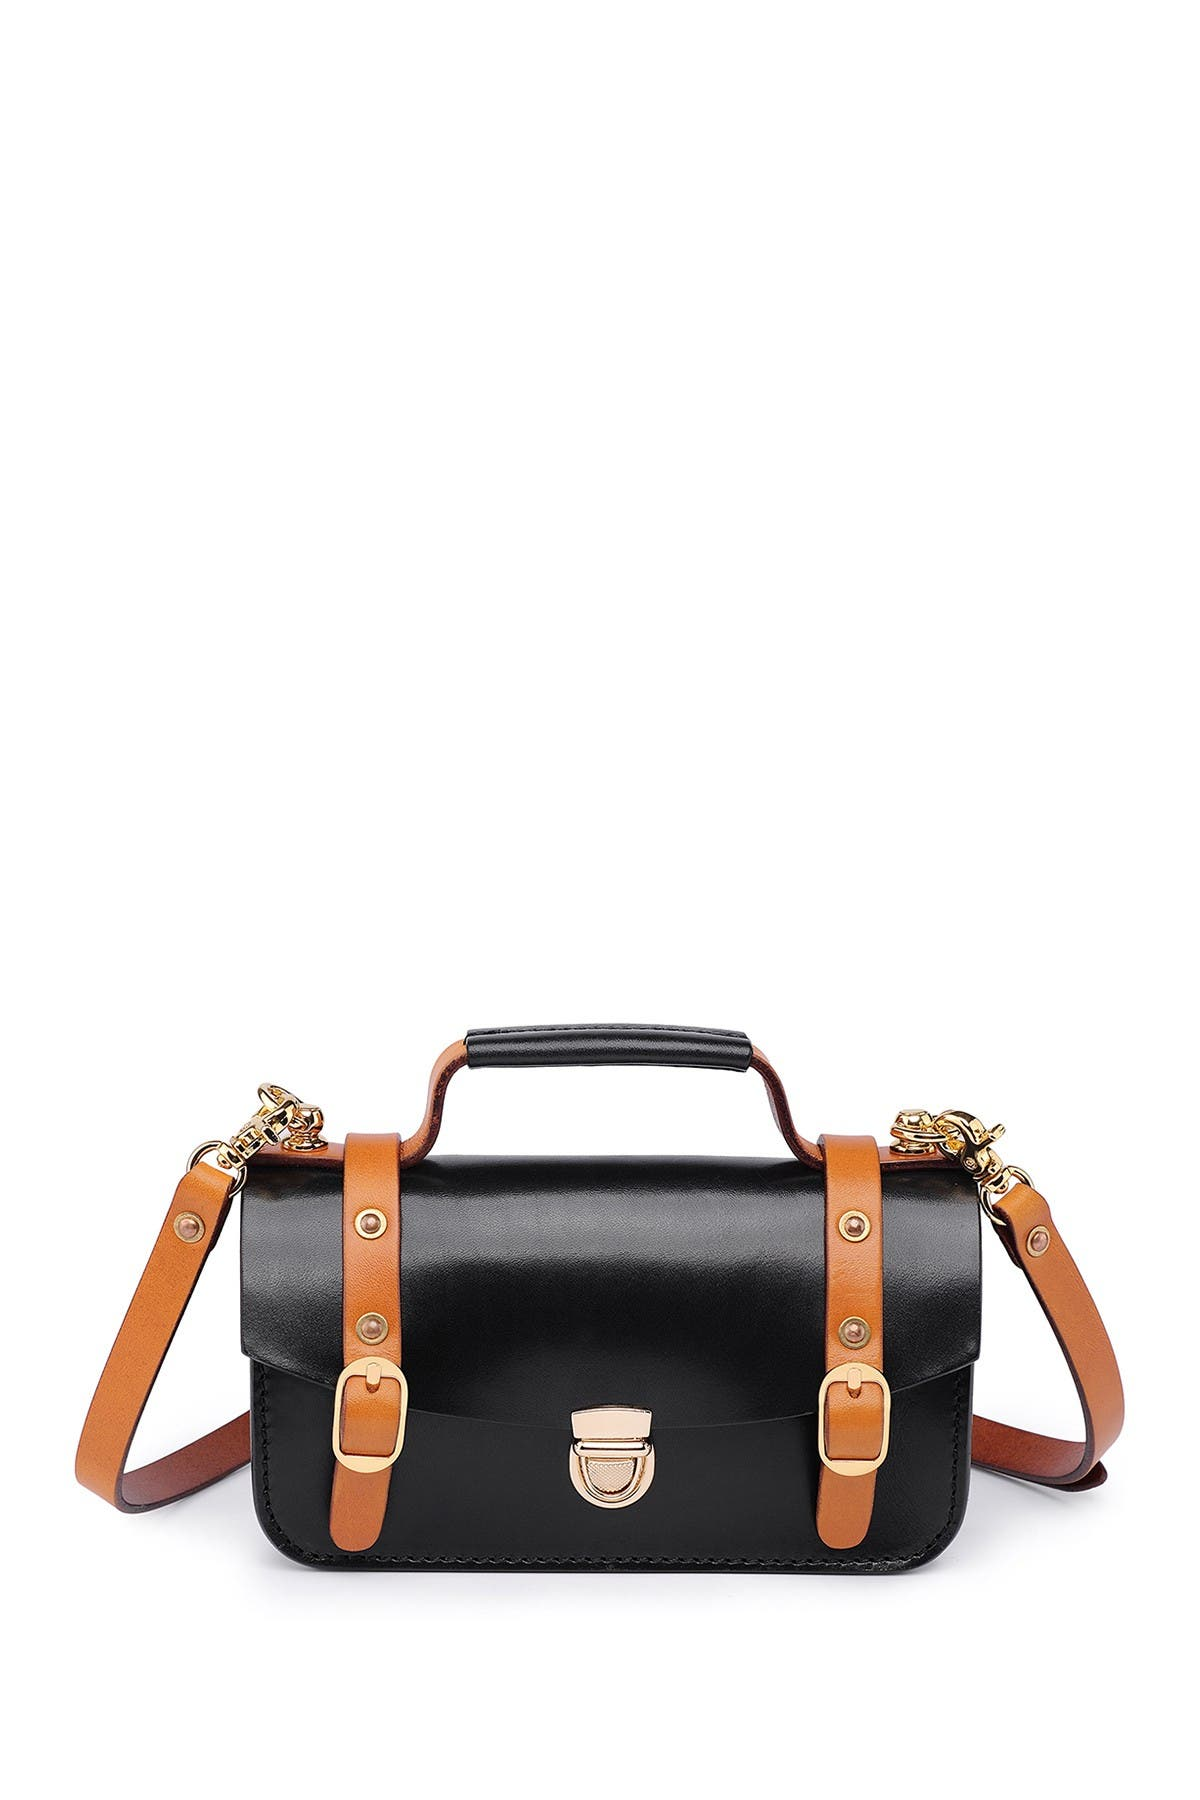 Image of Old Trend Leather Messenger Bag